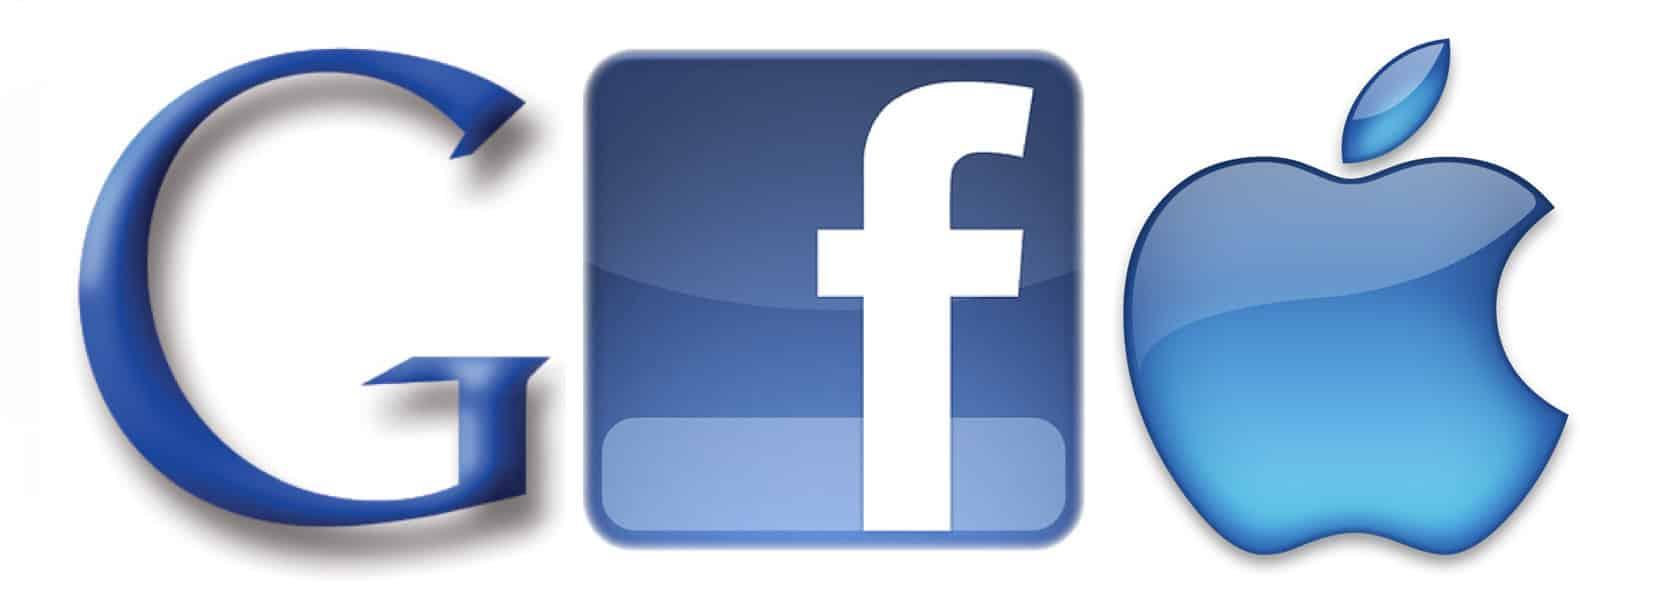 Google, Facebook, Apple y Microsoft han tomado la decisión de proteger los datos de sus usuarios.